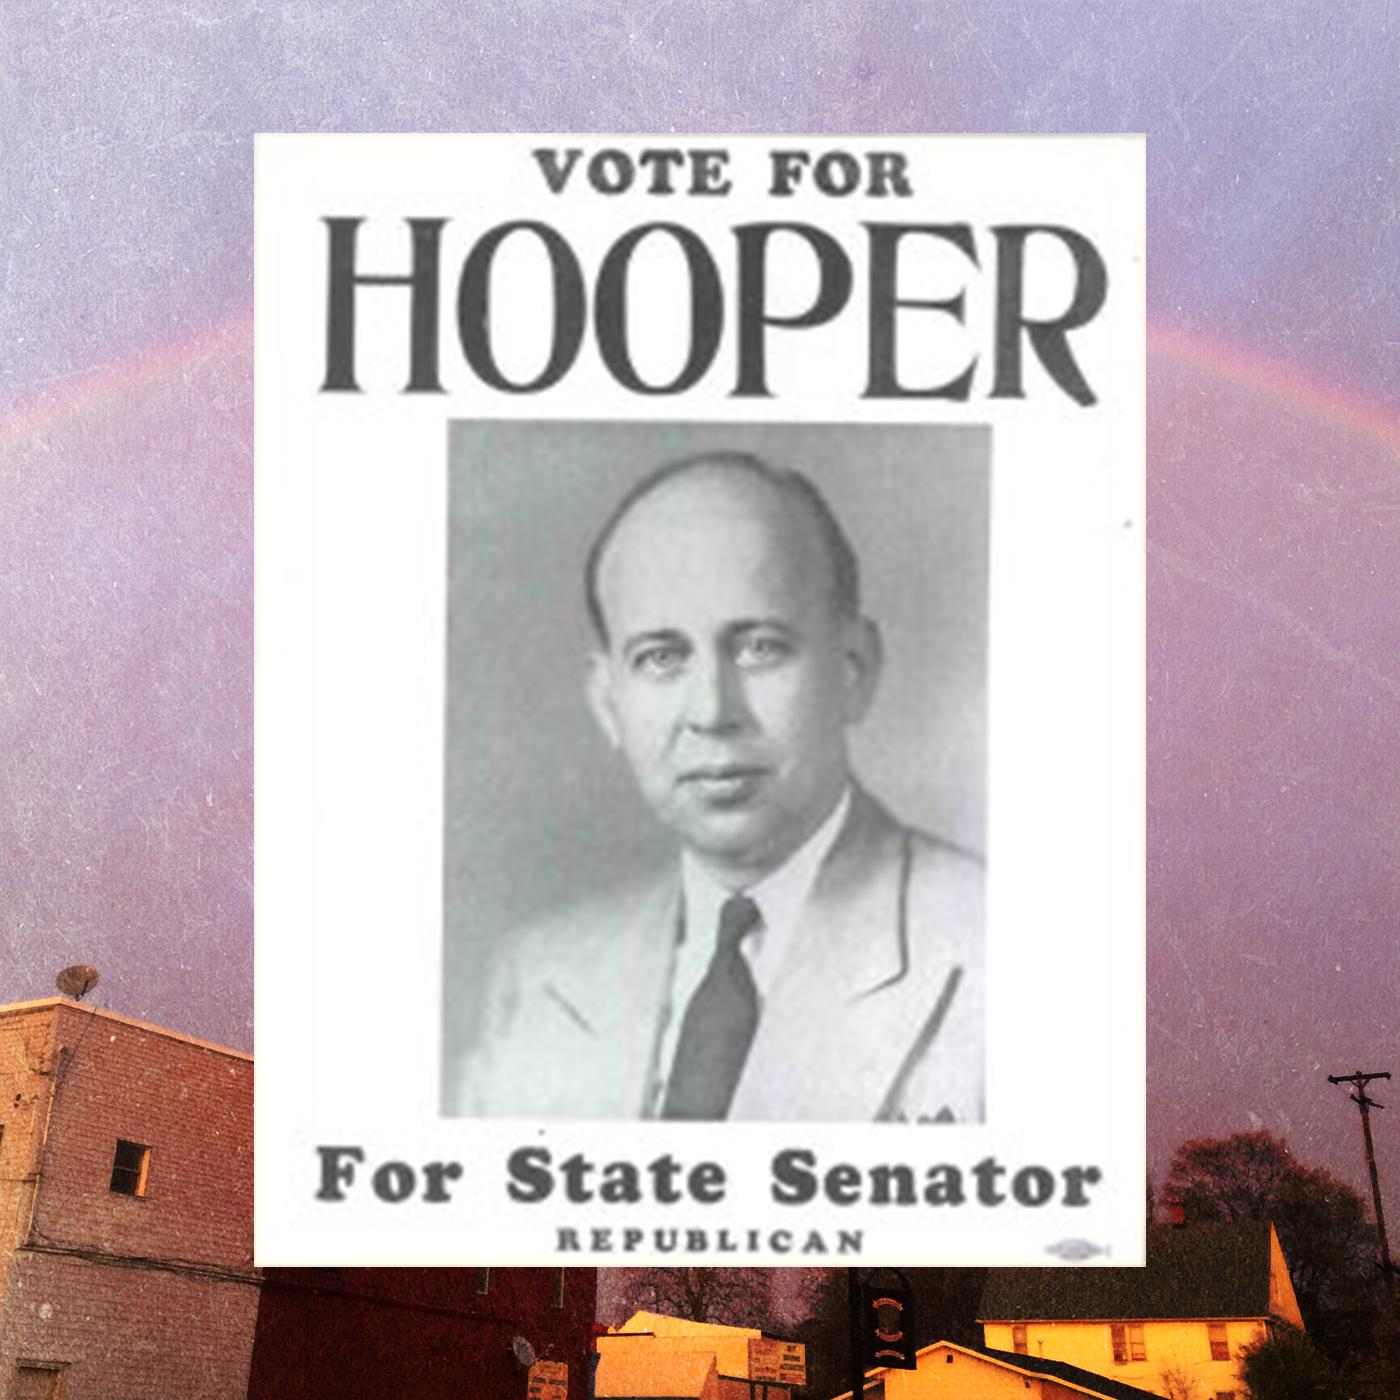 'Vote for Hooper' poster